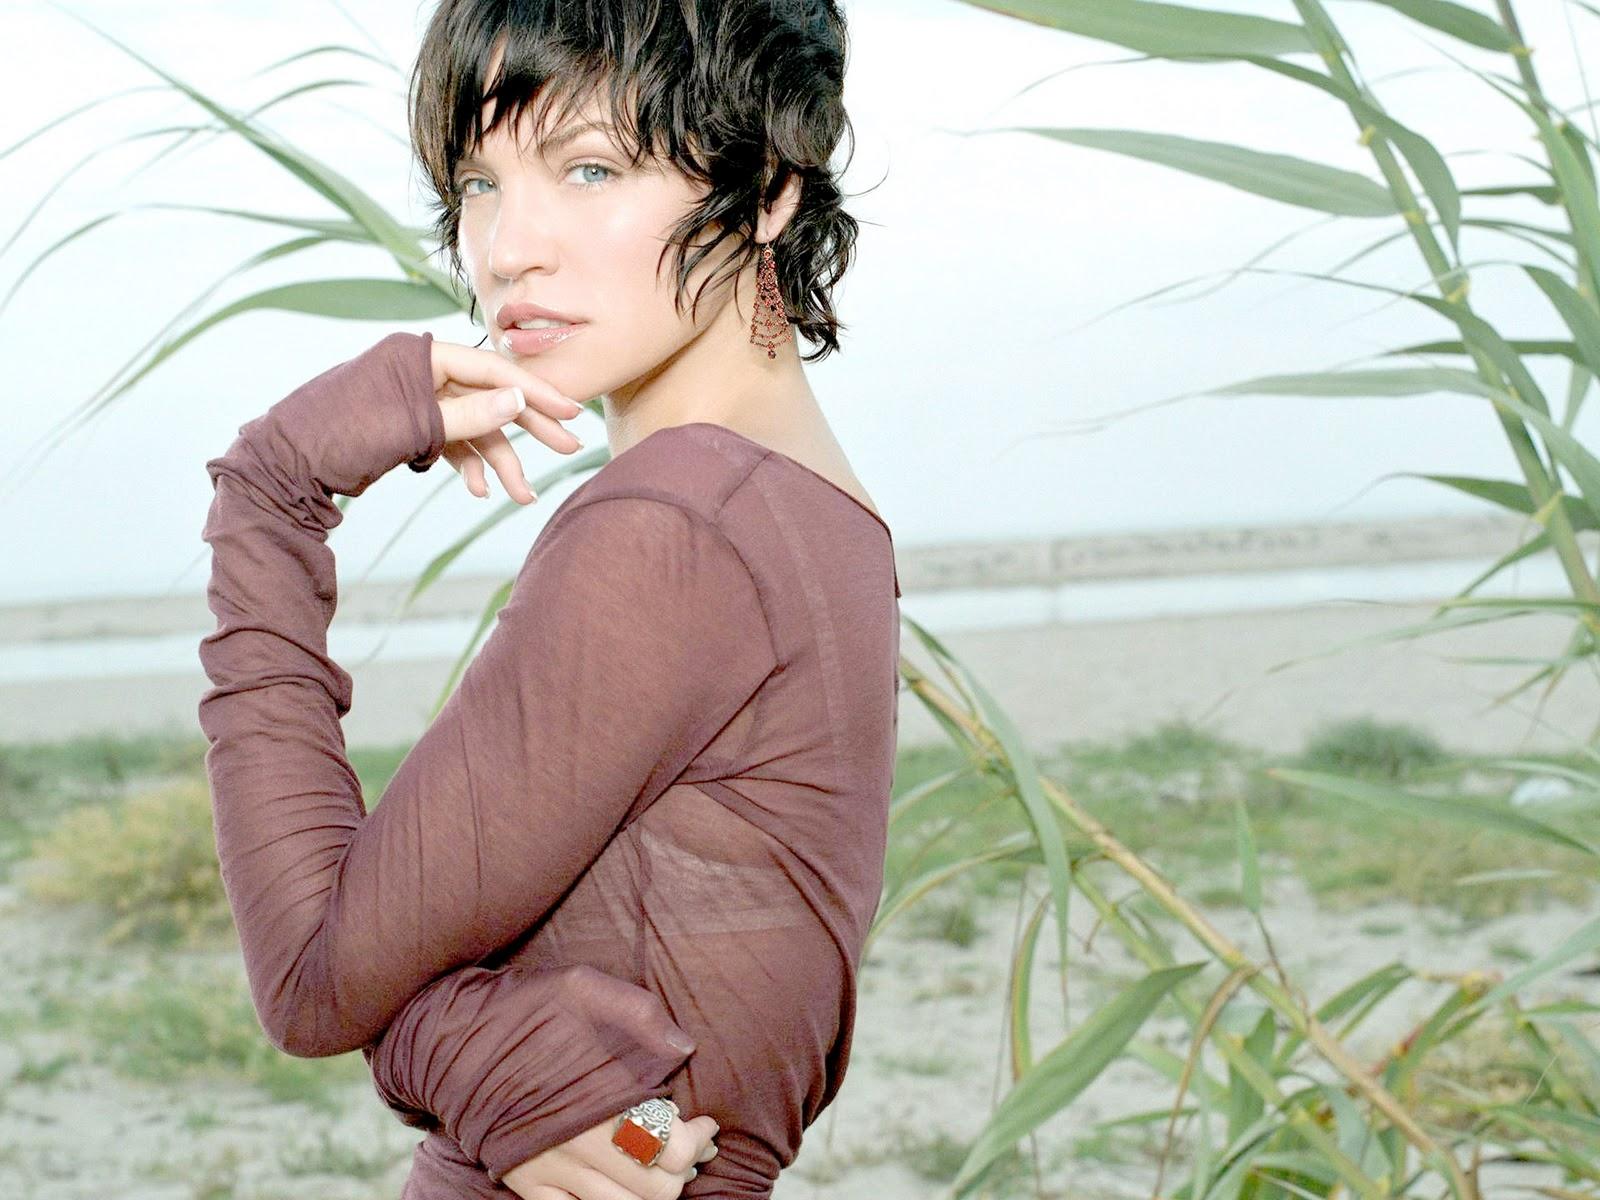 new Ashley Scott photos